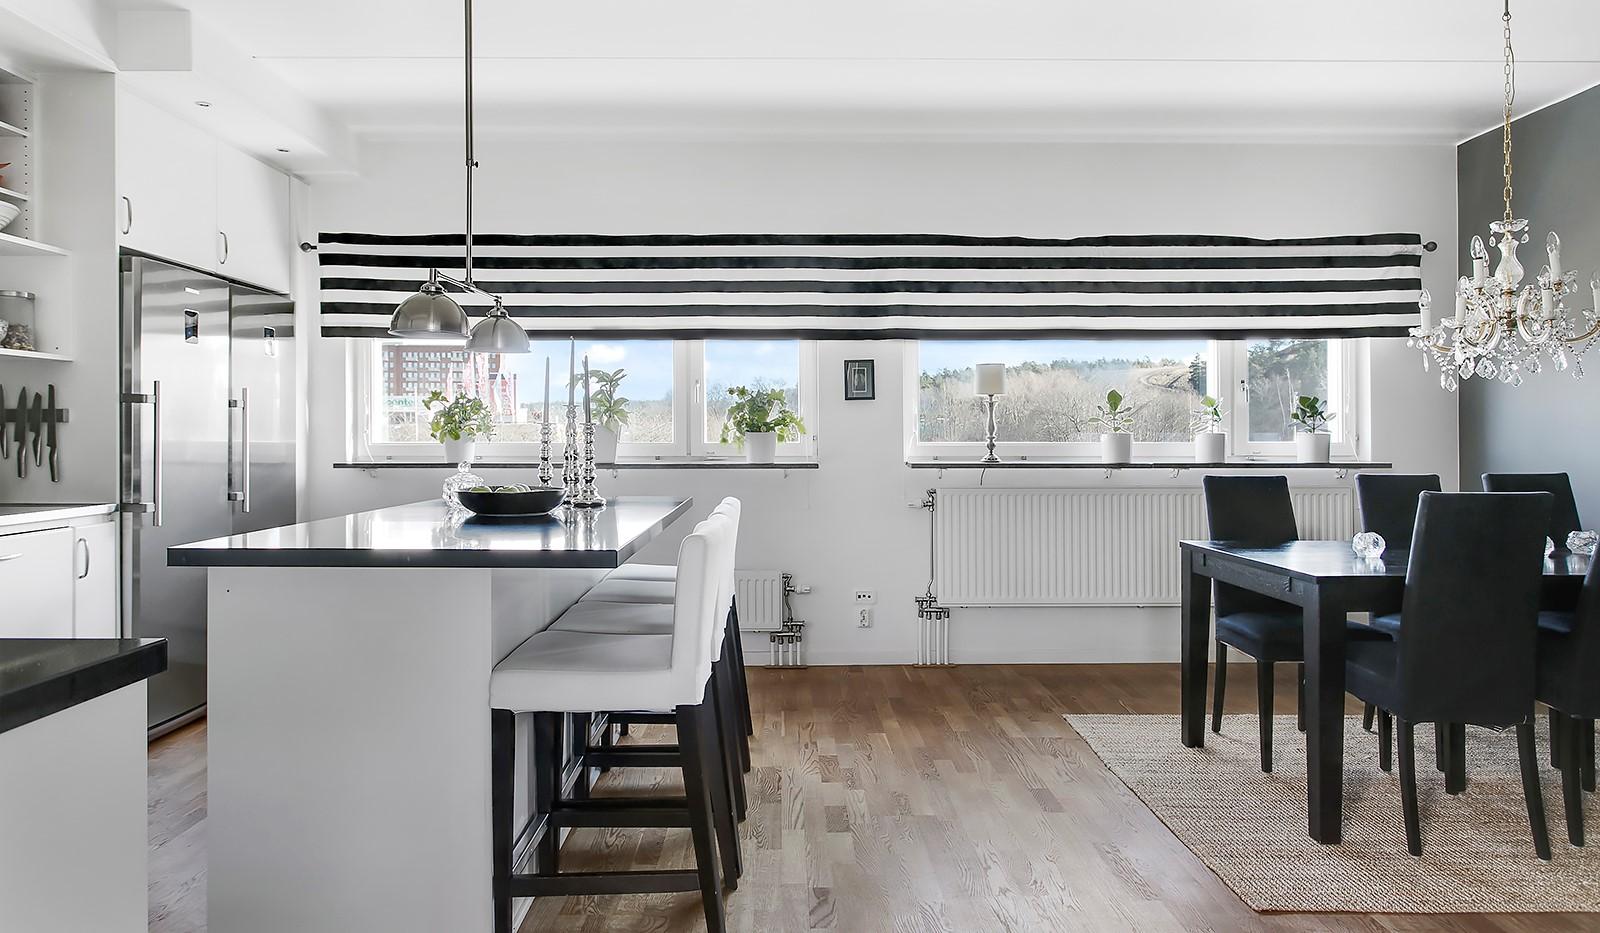 Sickla Kanalgata 64, vån 4 & 5 - Rymligt och stilrent kök